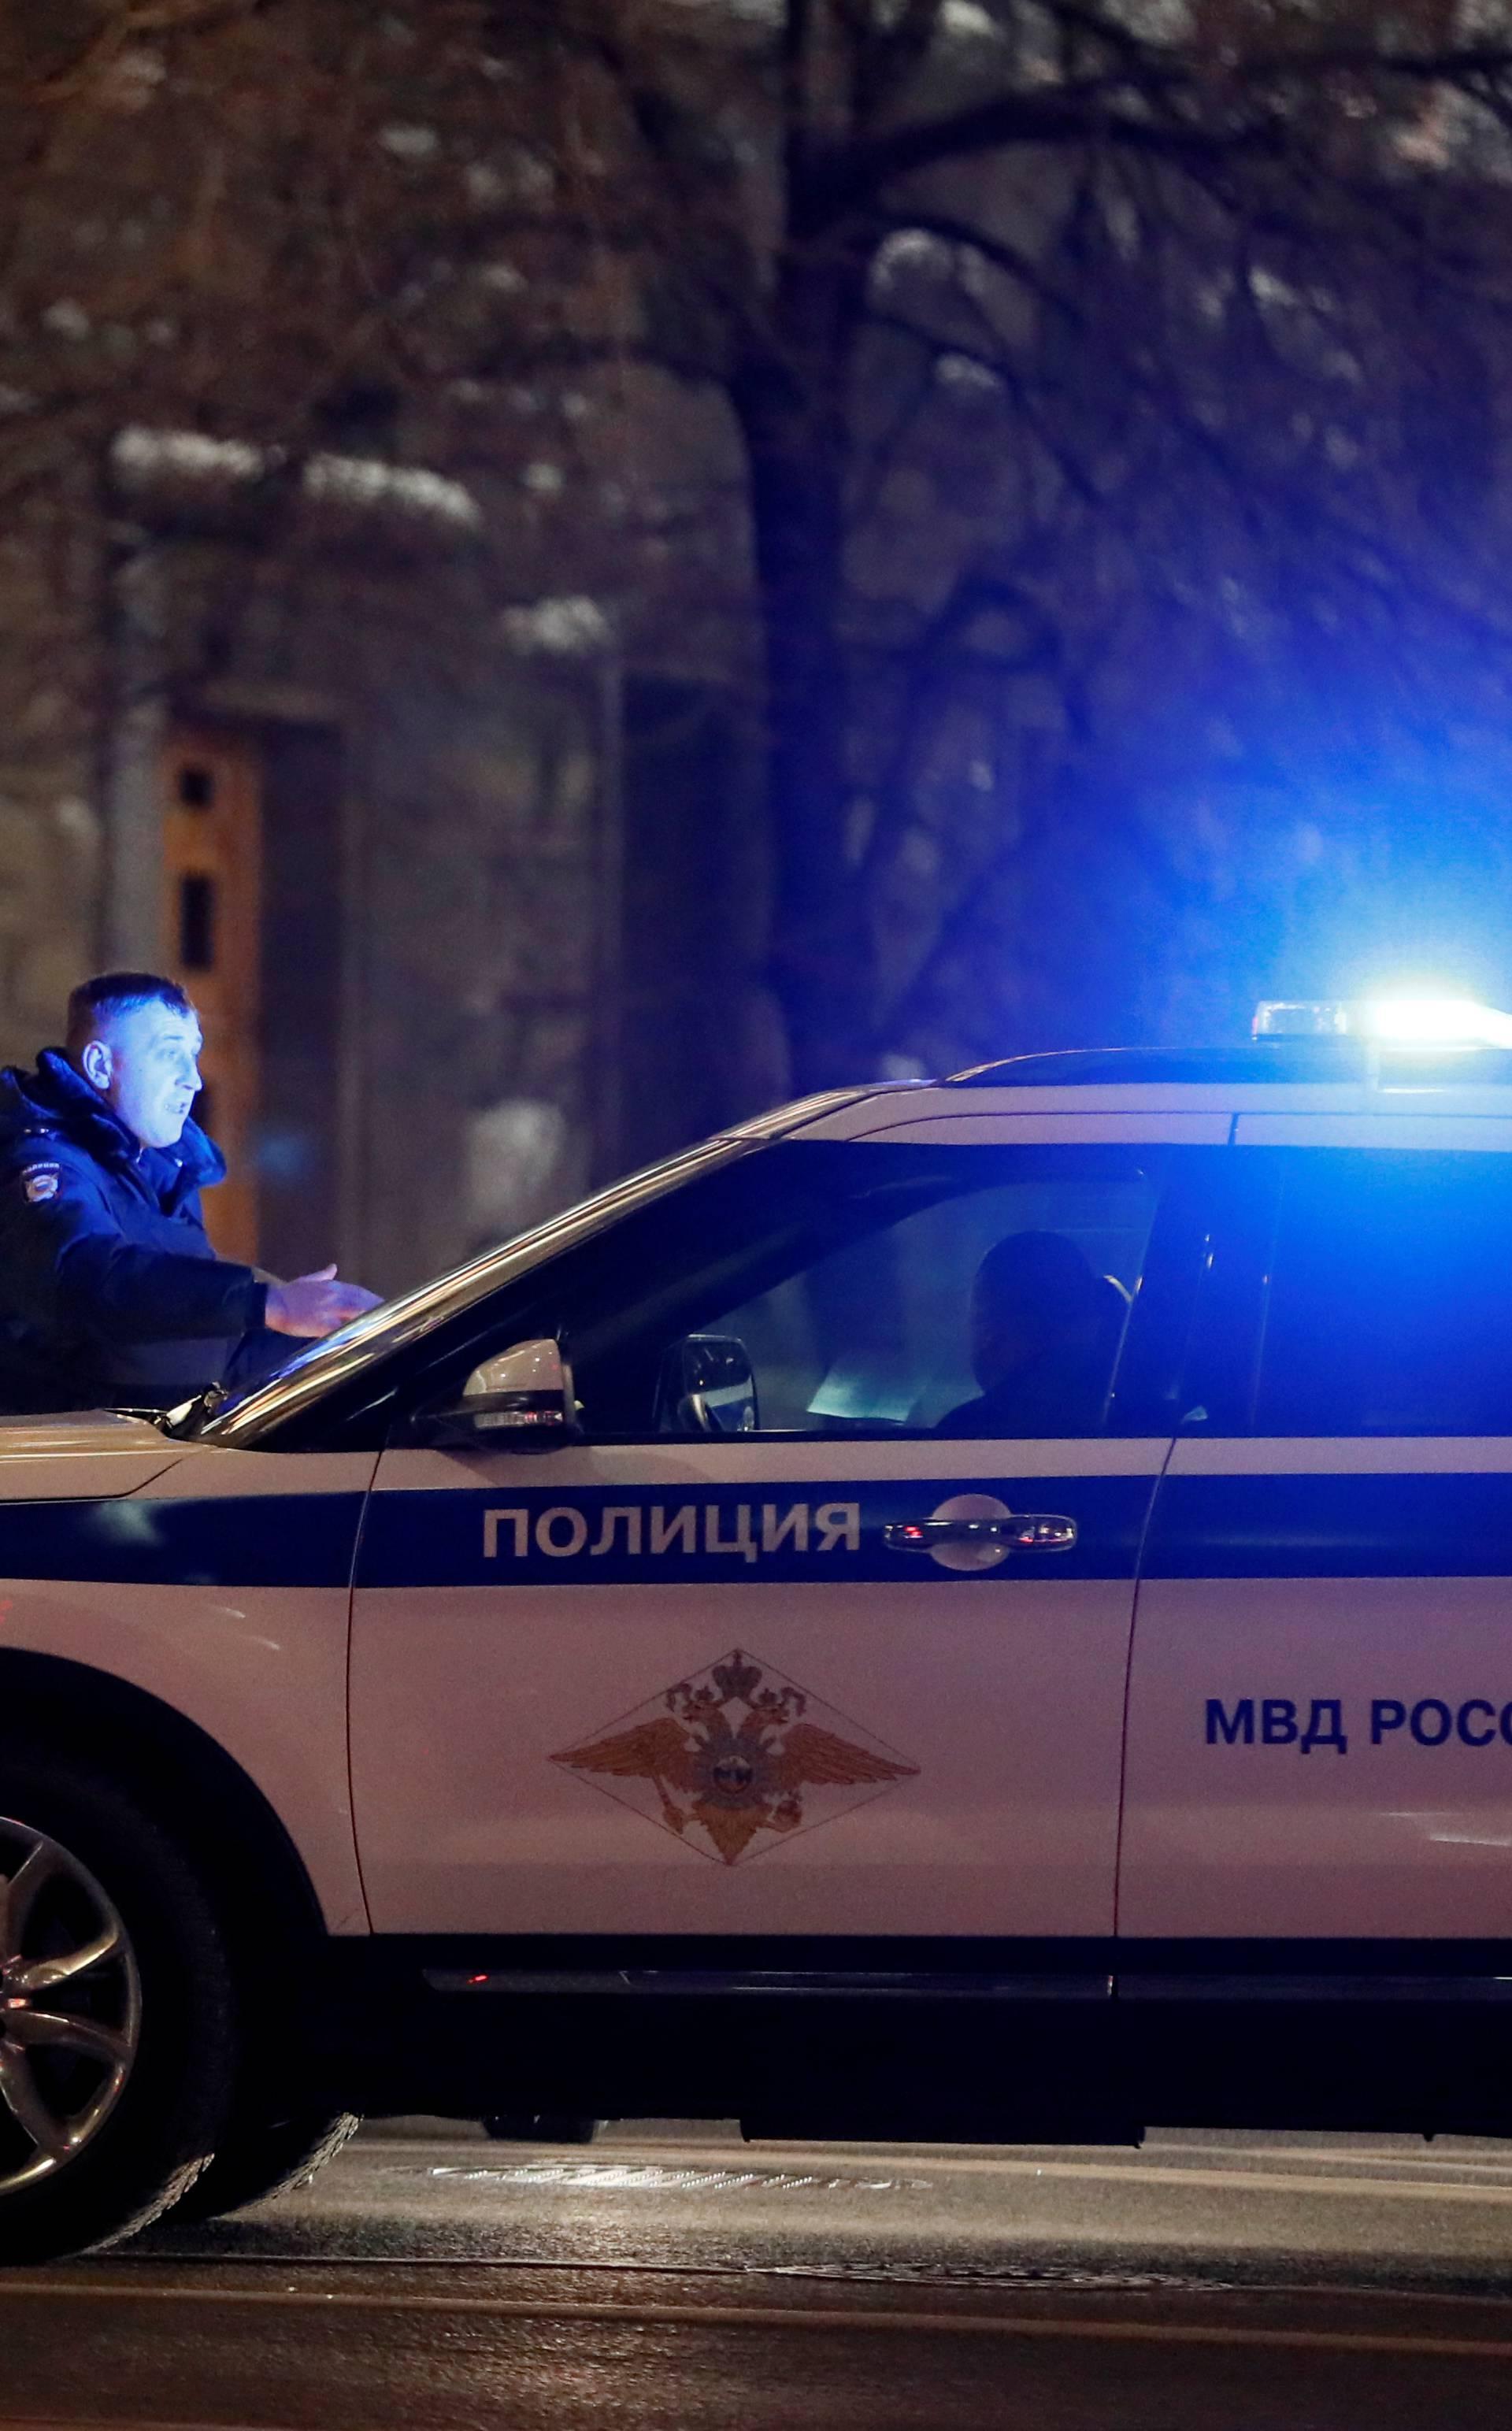 Napad u Moskvi: Nožem je izbo dvoje ljudi u crkvi tijekom mise